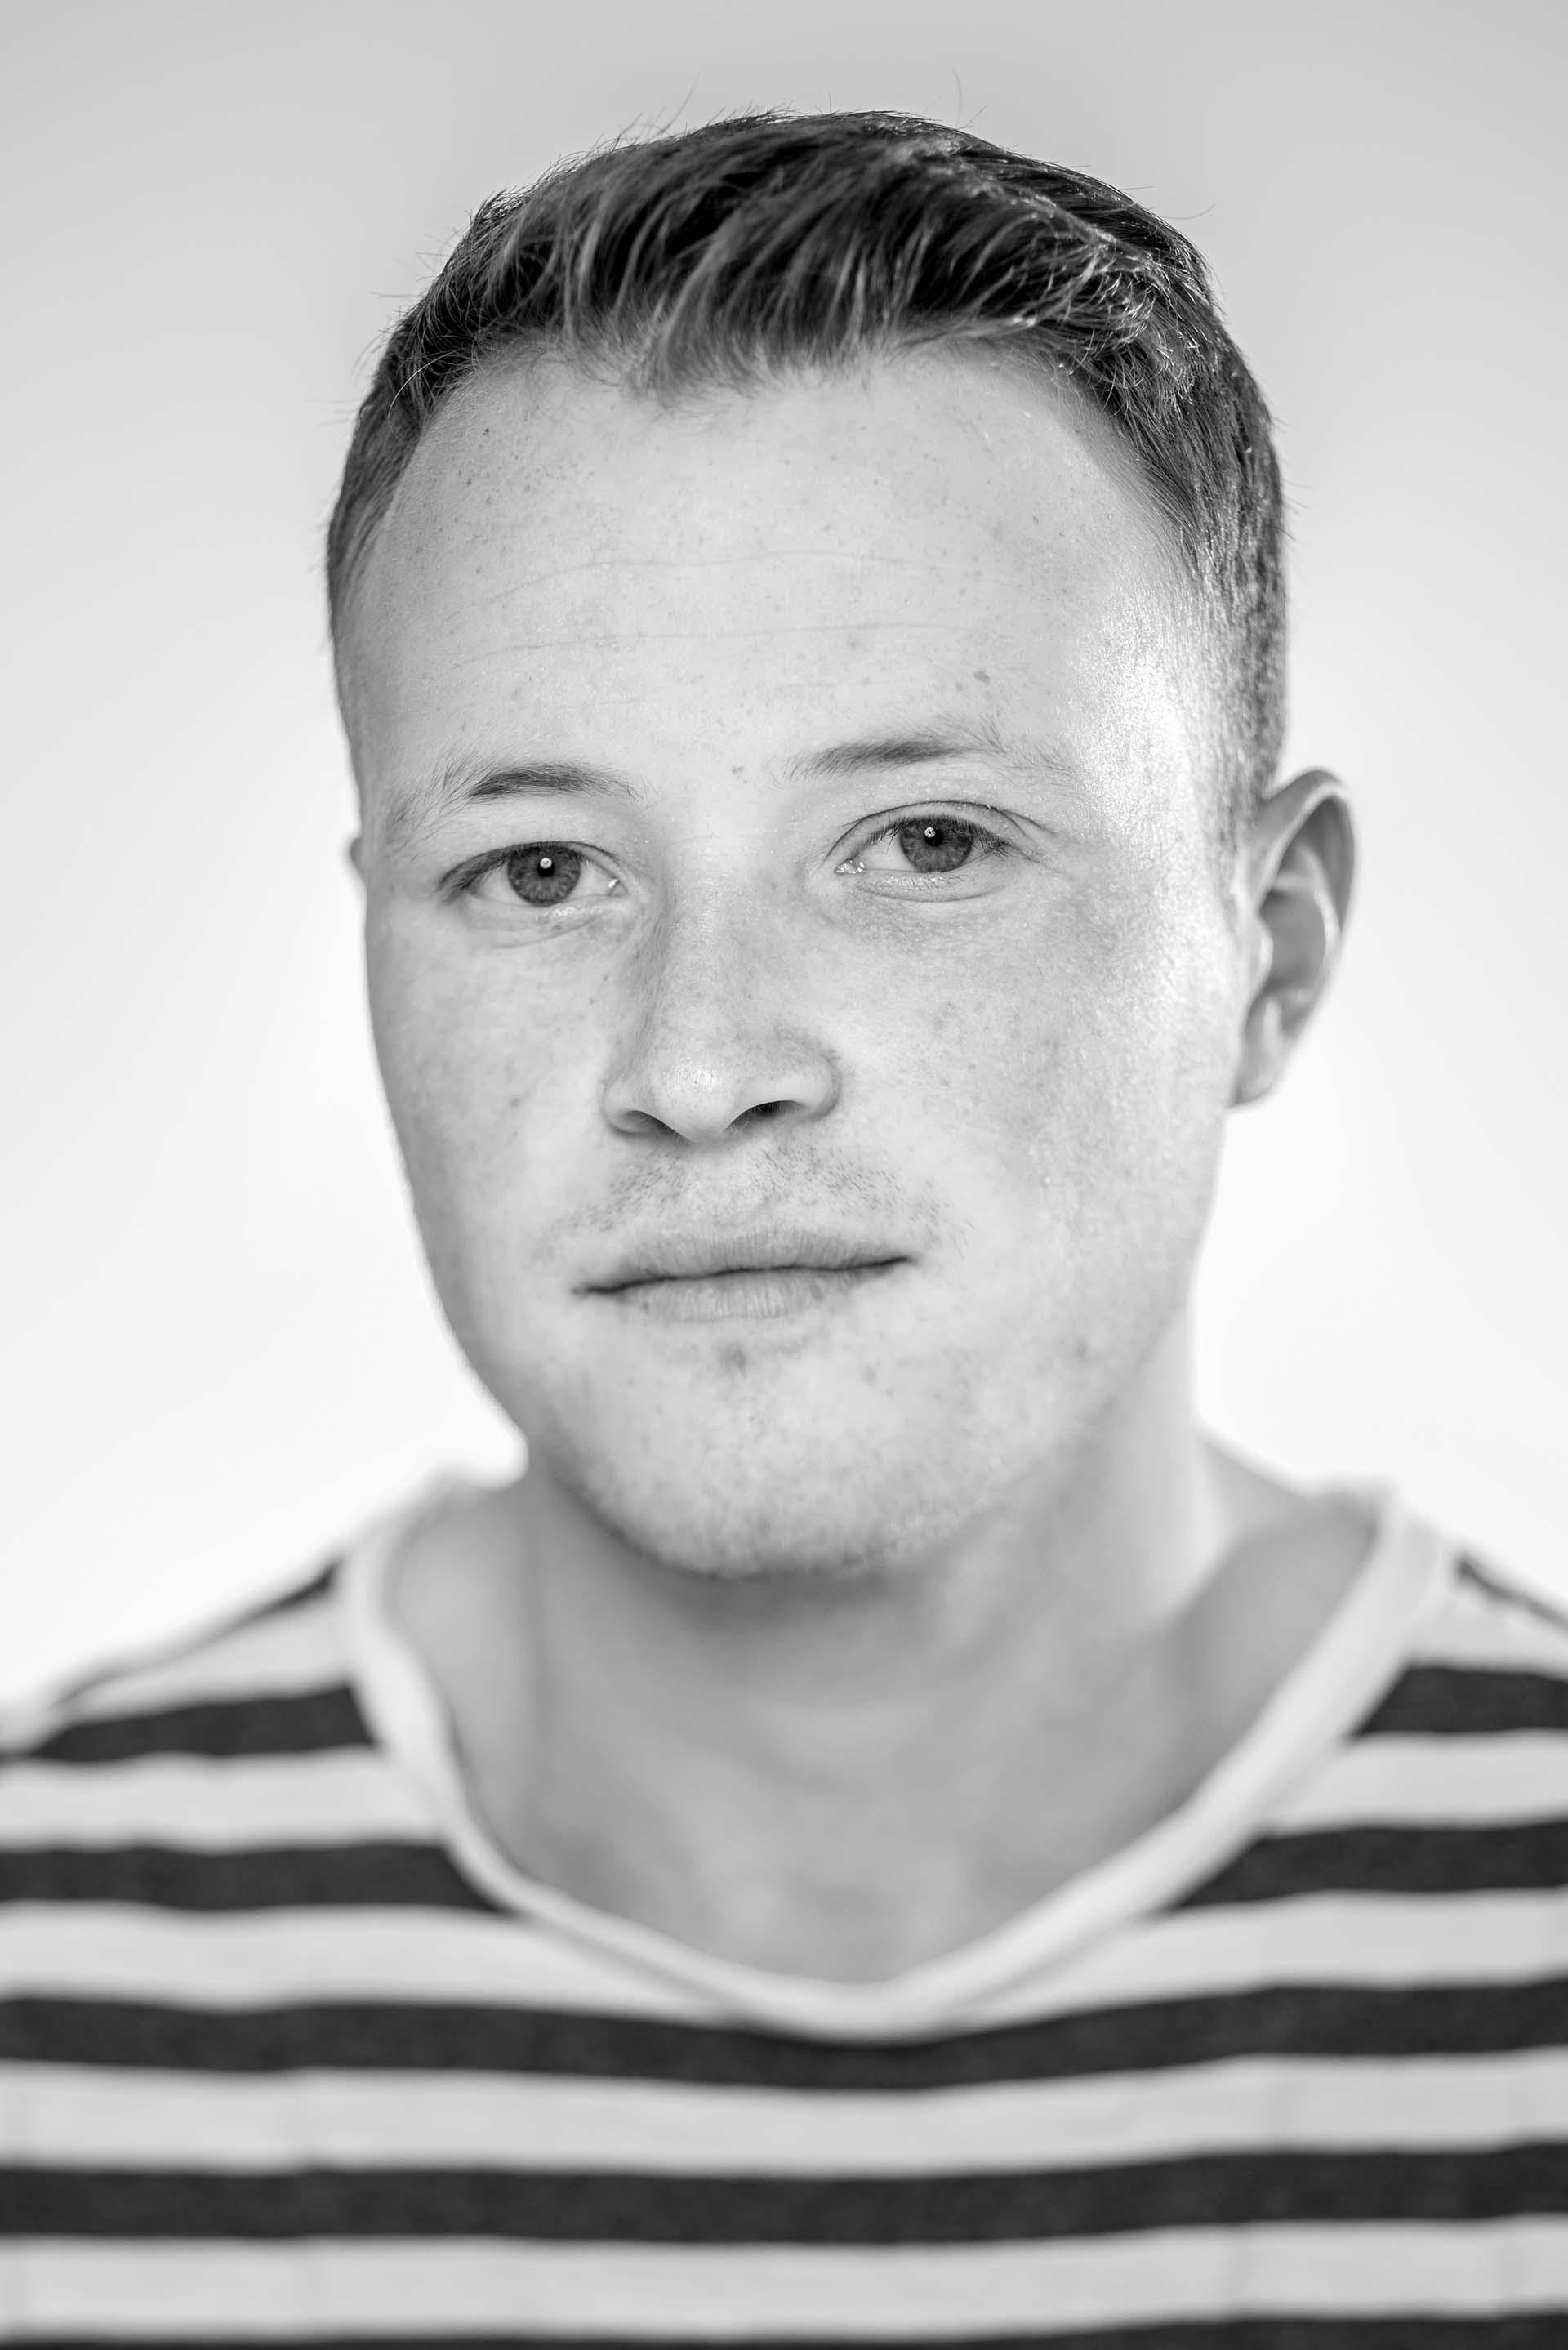 De nieuwe interieurarchitecten. Zwart wit fotografie. Portretten, portret, portretfotografie editorial voor HAACS door fotograaf Frank Penders. Fotograaf voor de randstad vanuit Gouda met een focus op Rotterdam, Den Haag en Utrecht.